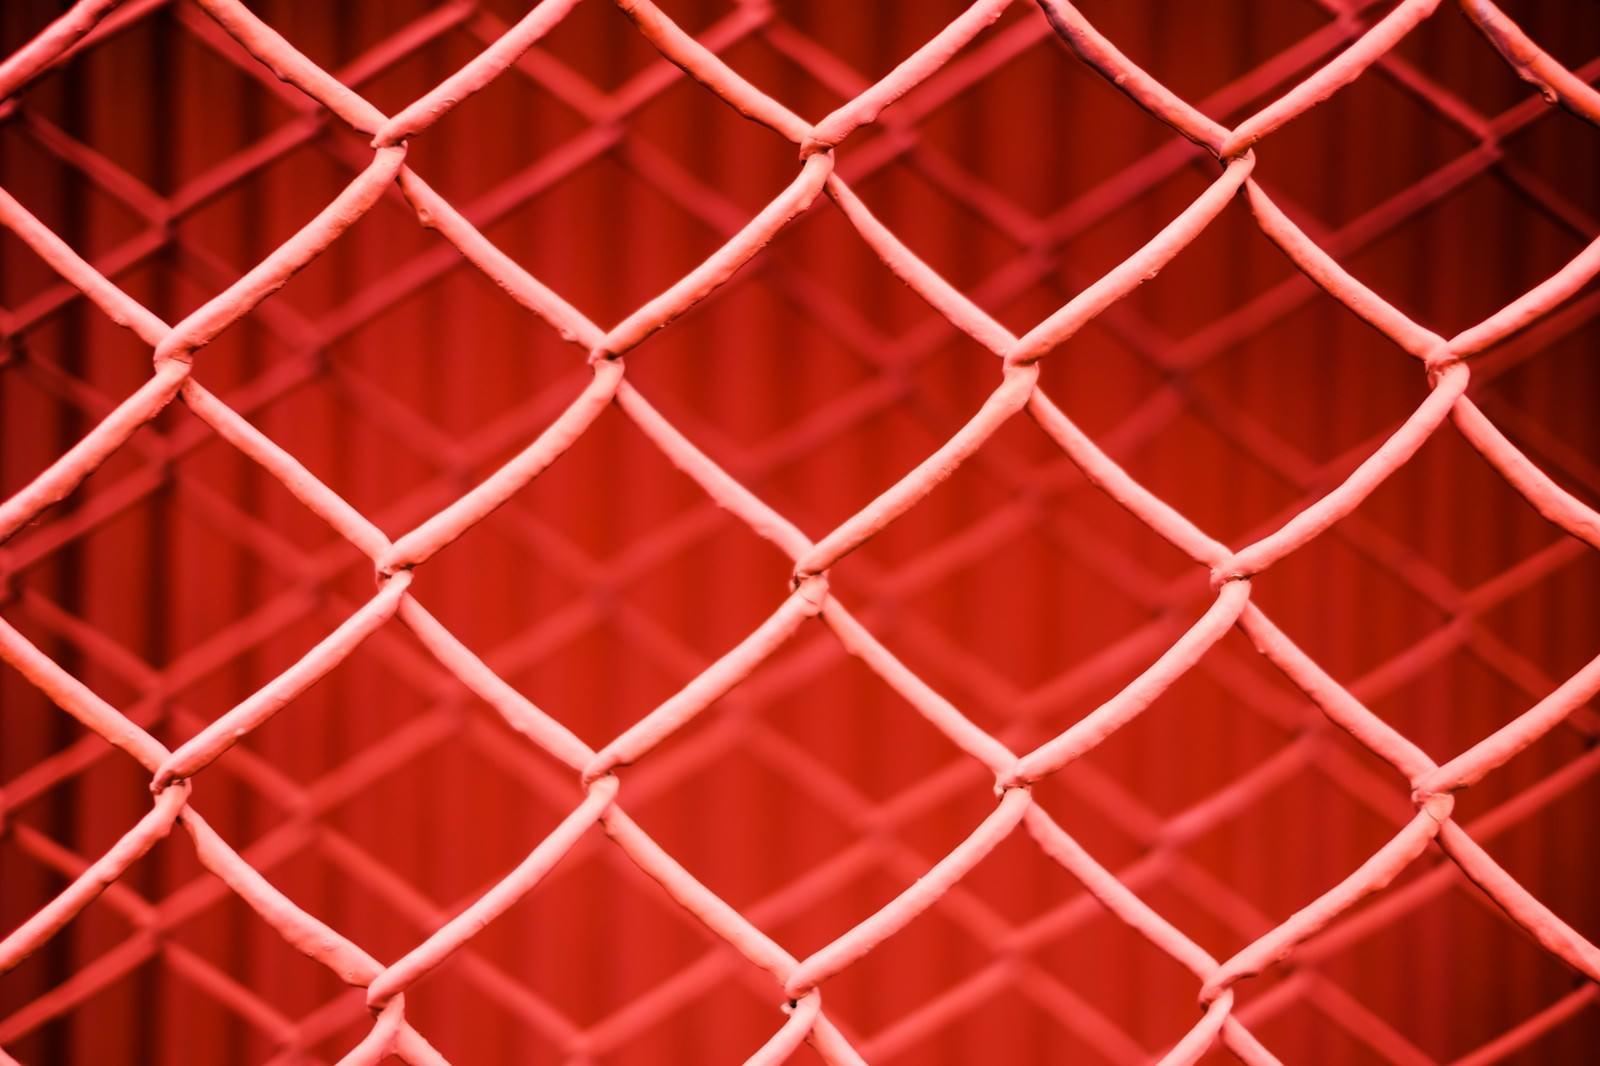 「重なった金網フェンス(赤)」の写真